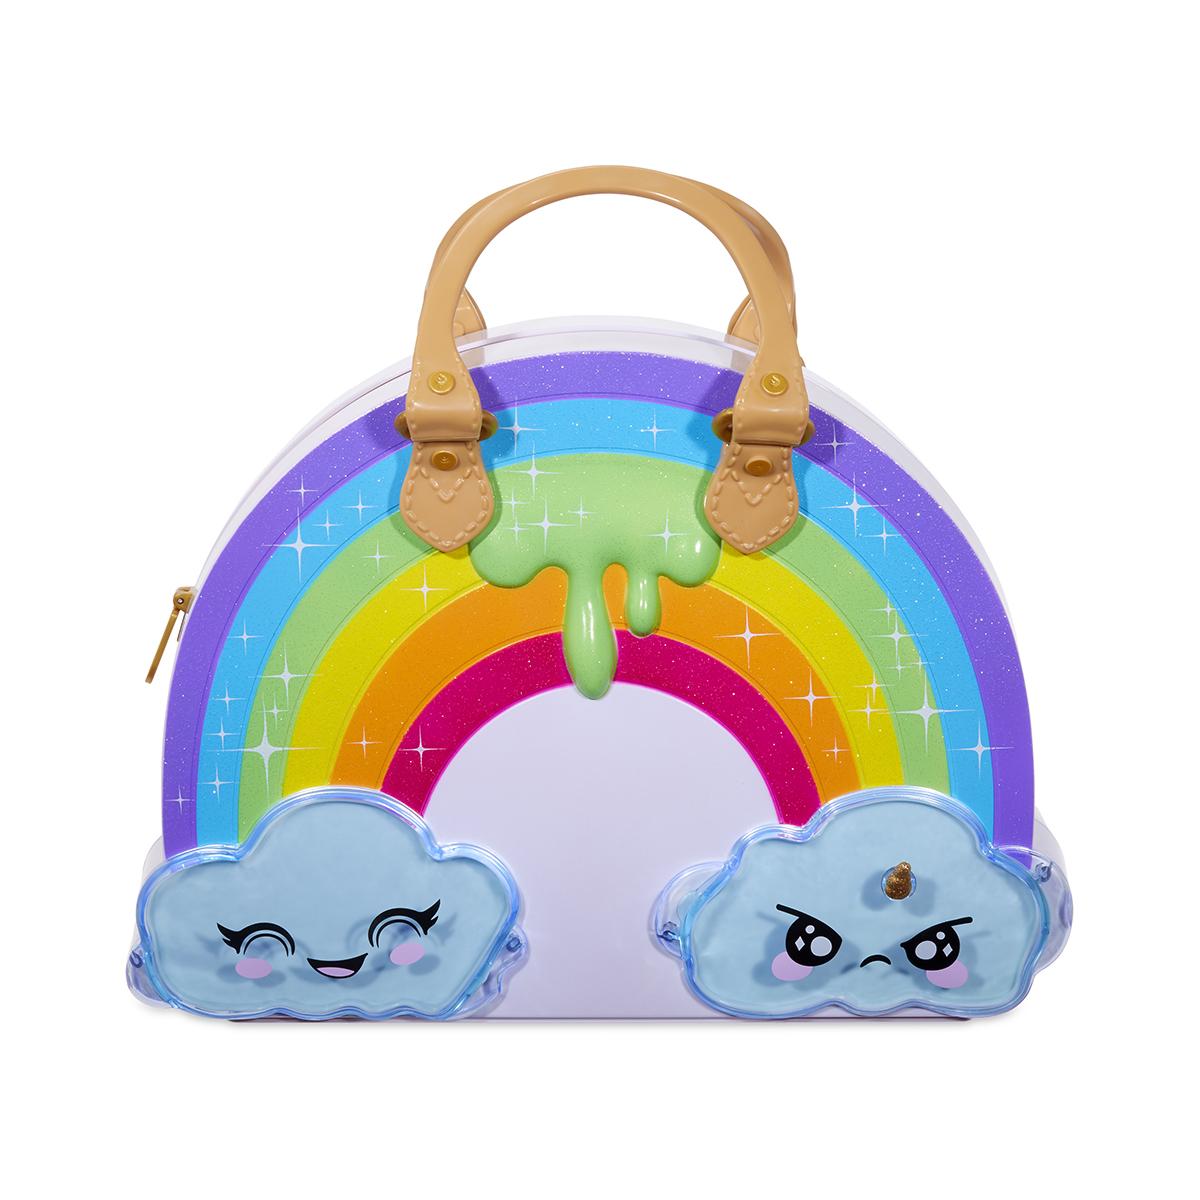 Kit pentru slime Poopsie Chasmell Rainbow